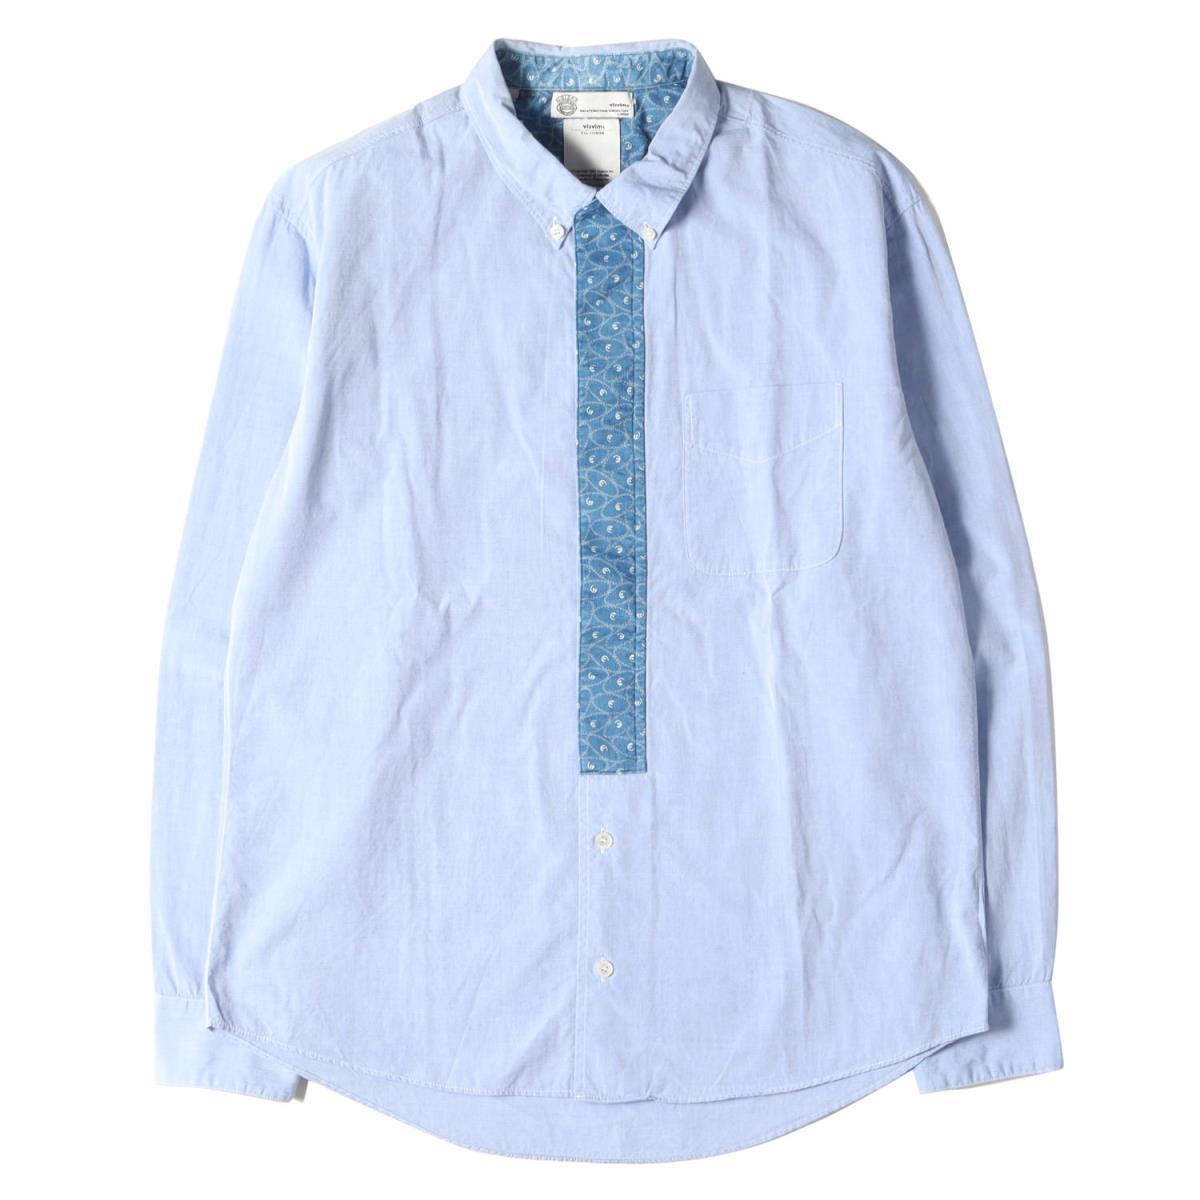 トップス, カジュアルシャツ visvim CRAVAT SHIRT INDIGO PIZI GIZA 2 K3155